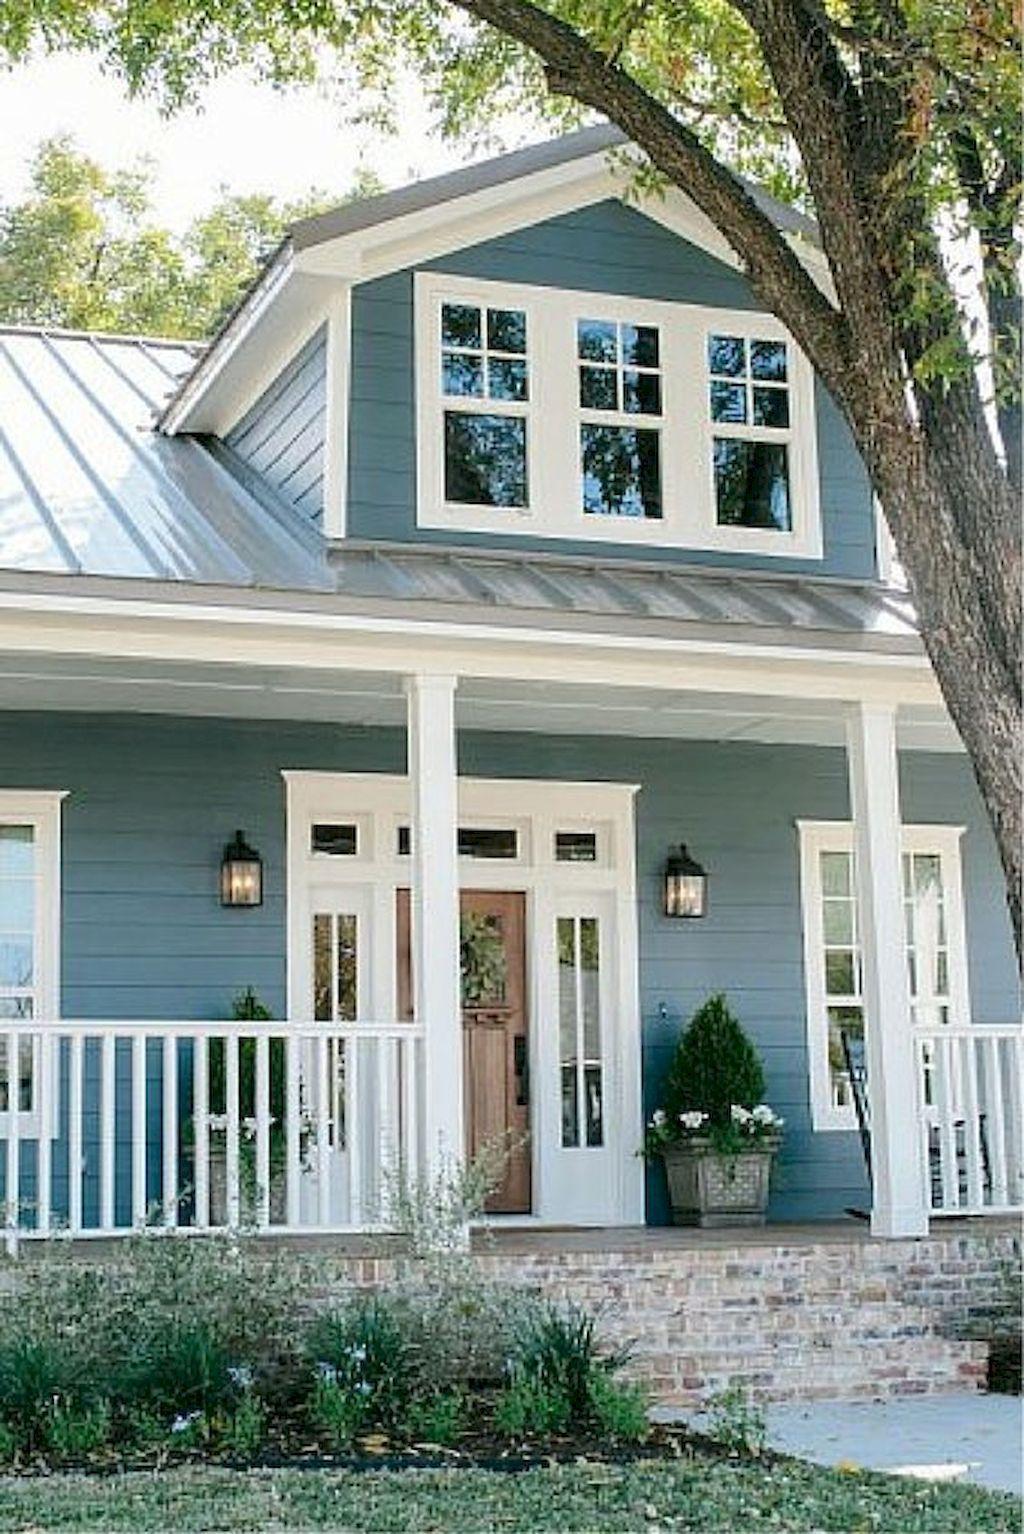 Porche maison devanture maison maison bleue plan maison petite maison future